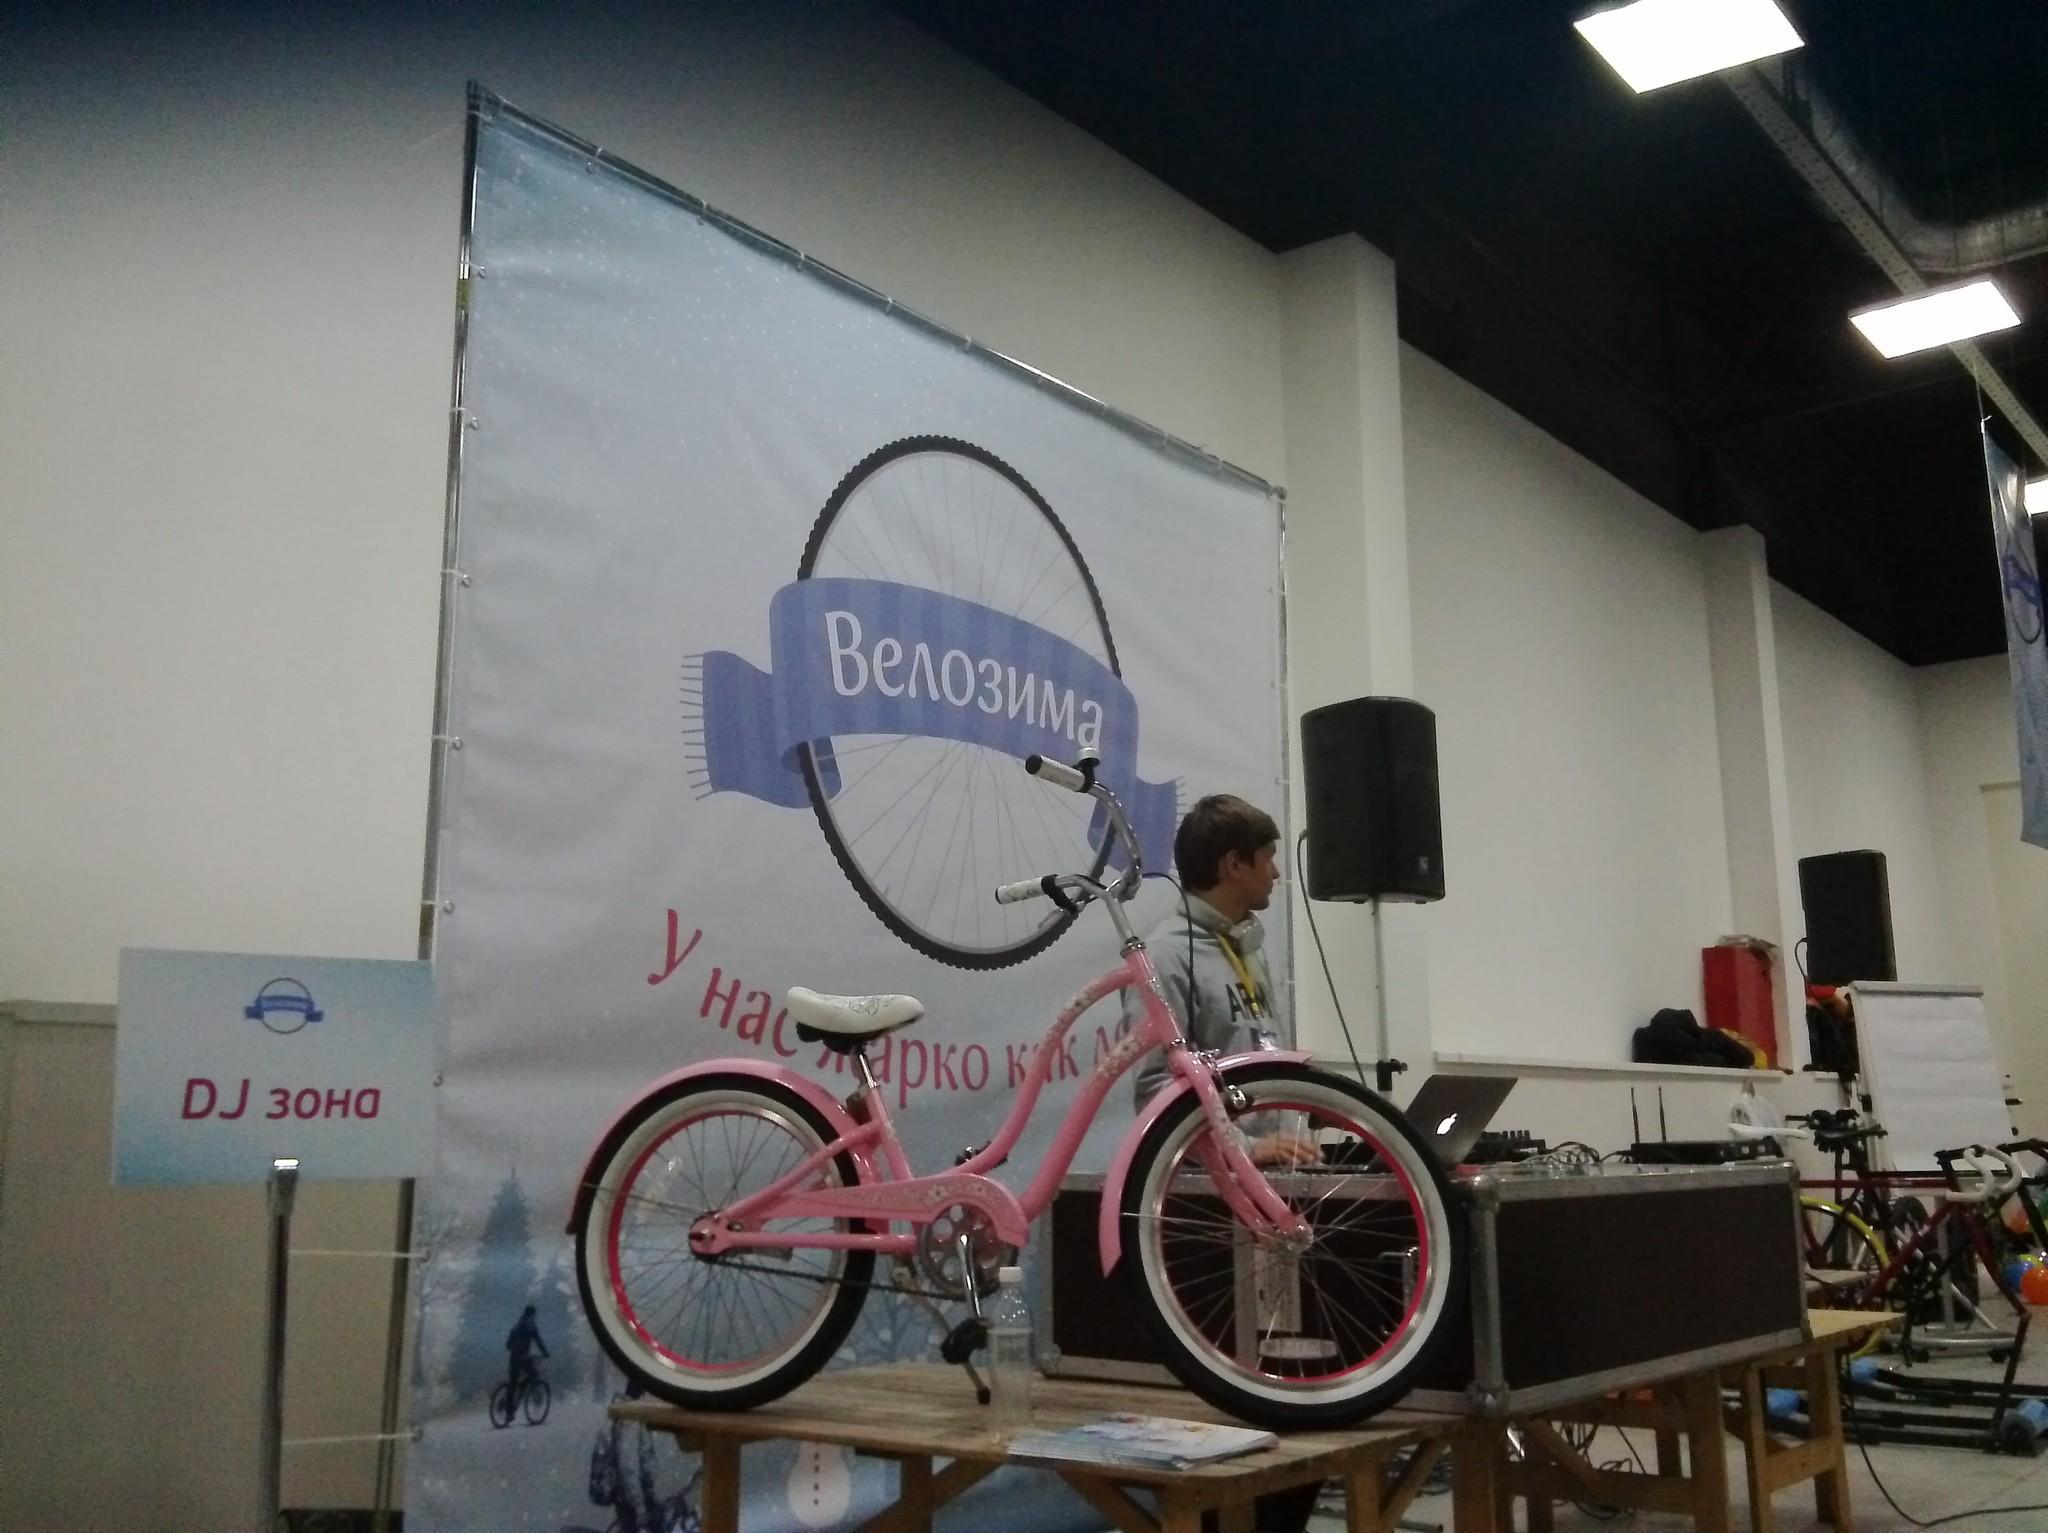 гламурный дамский велосипед для дюймовочек